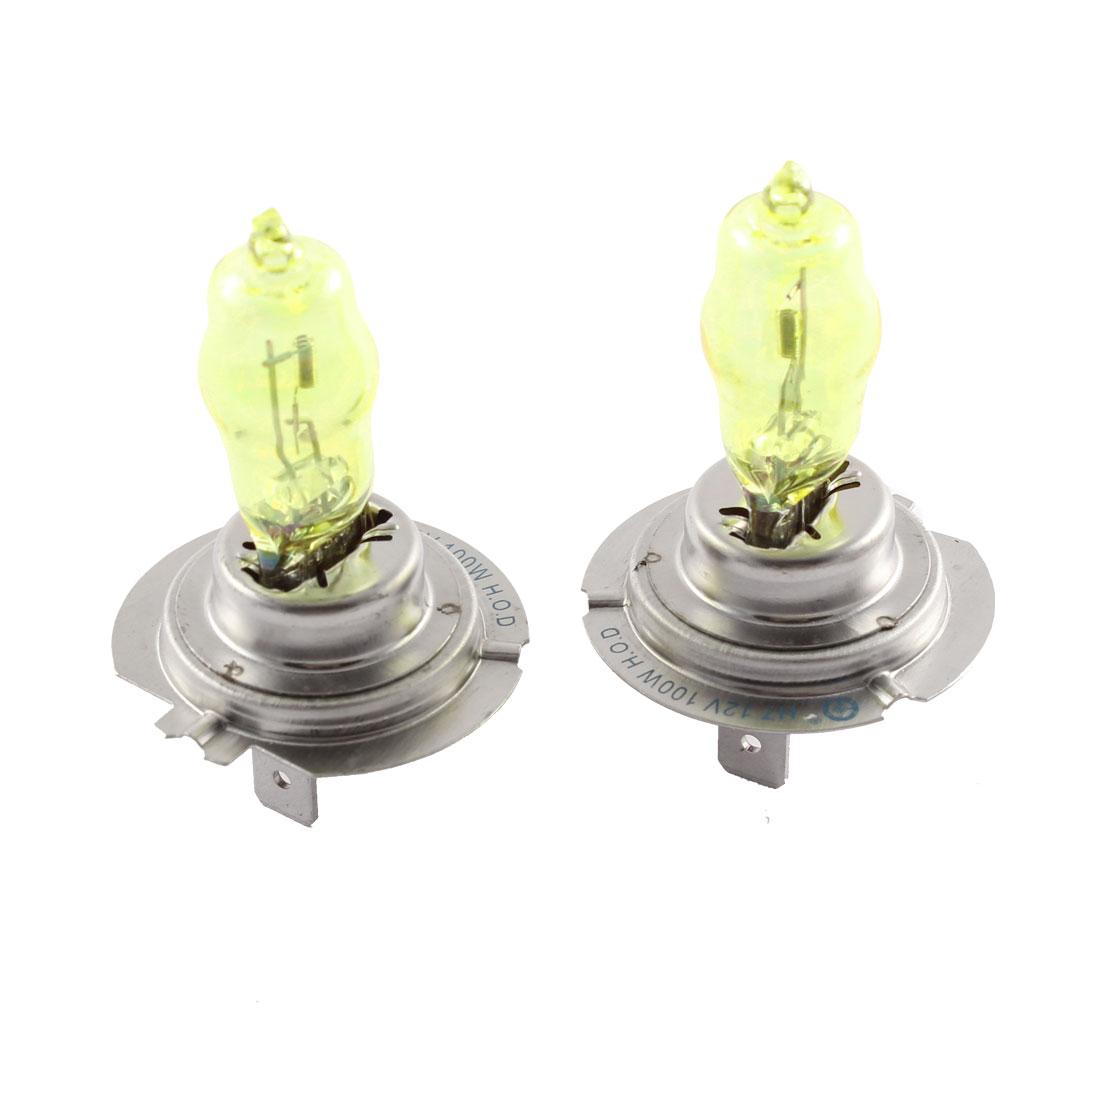 Pair H7 DC 12V 100W Amber Halogen Light Bulb Foglamp Headlight for Car